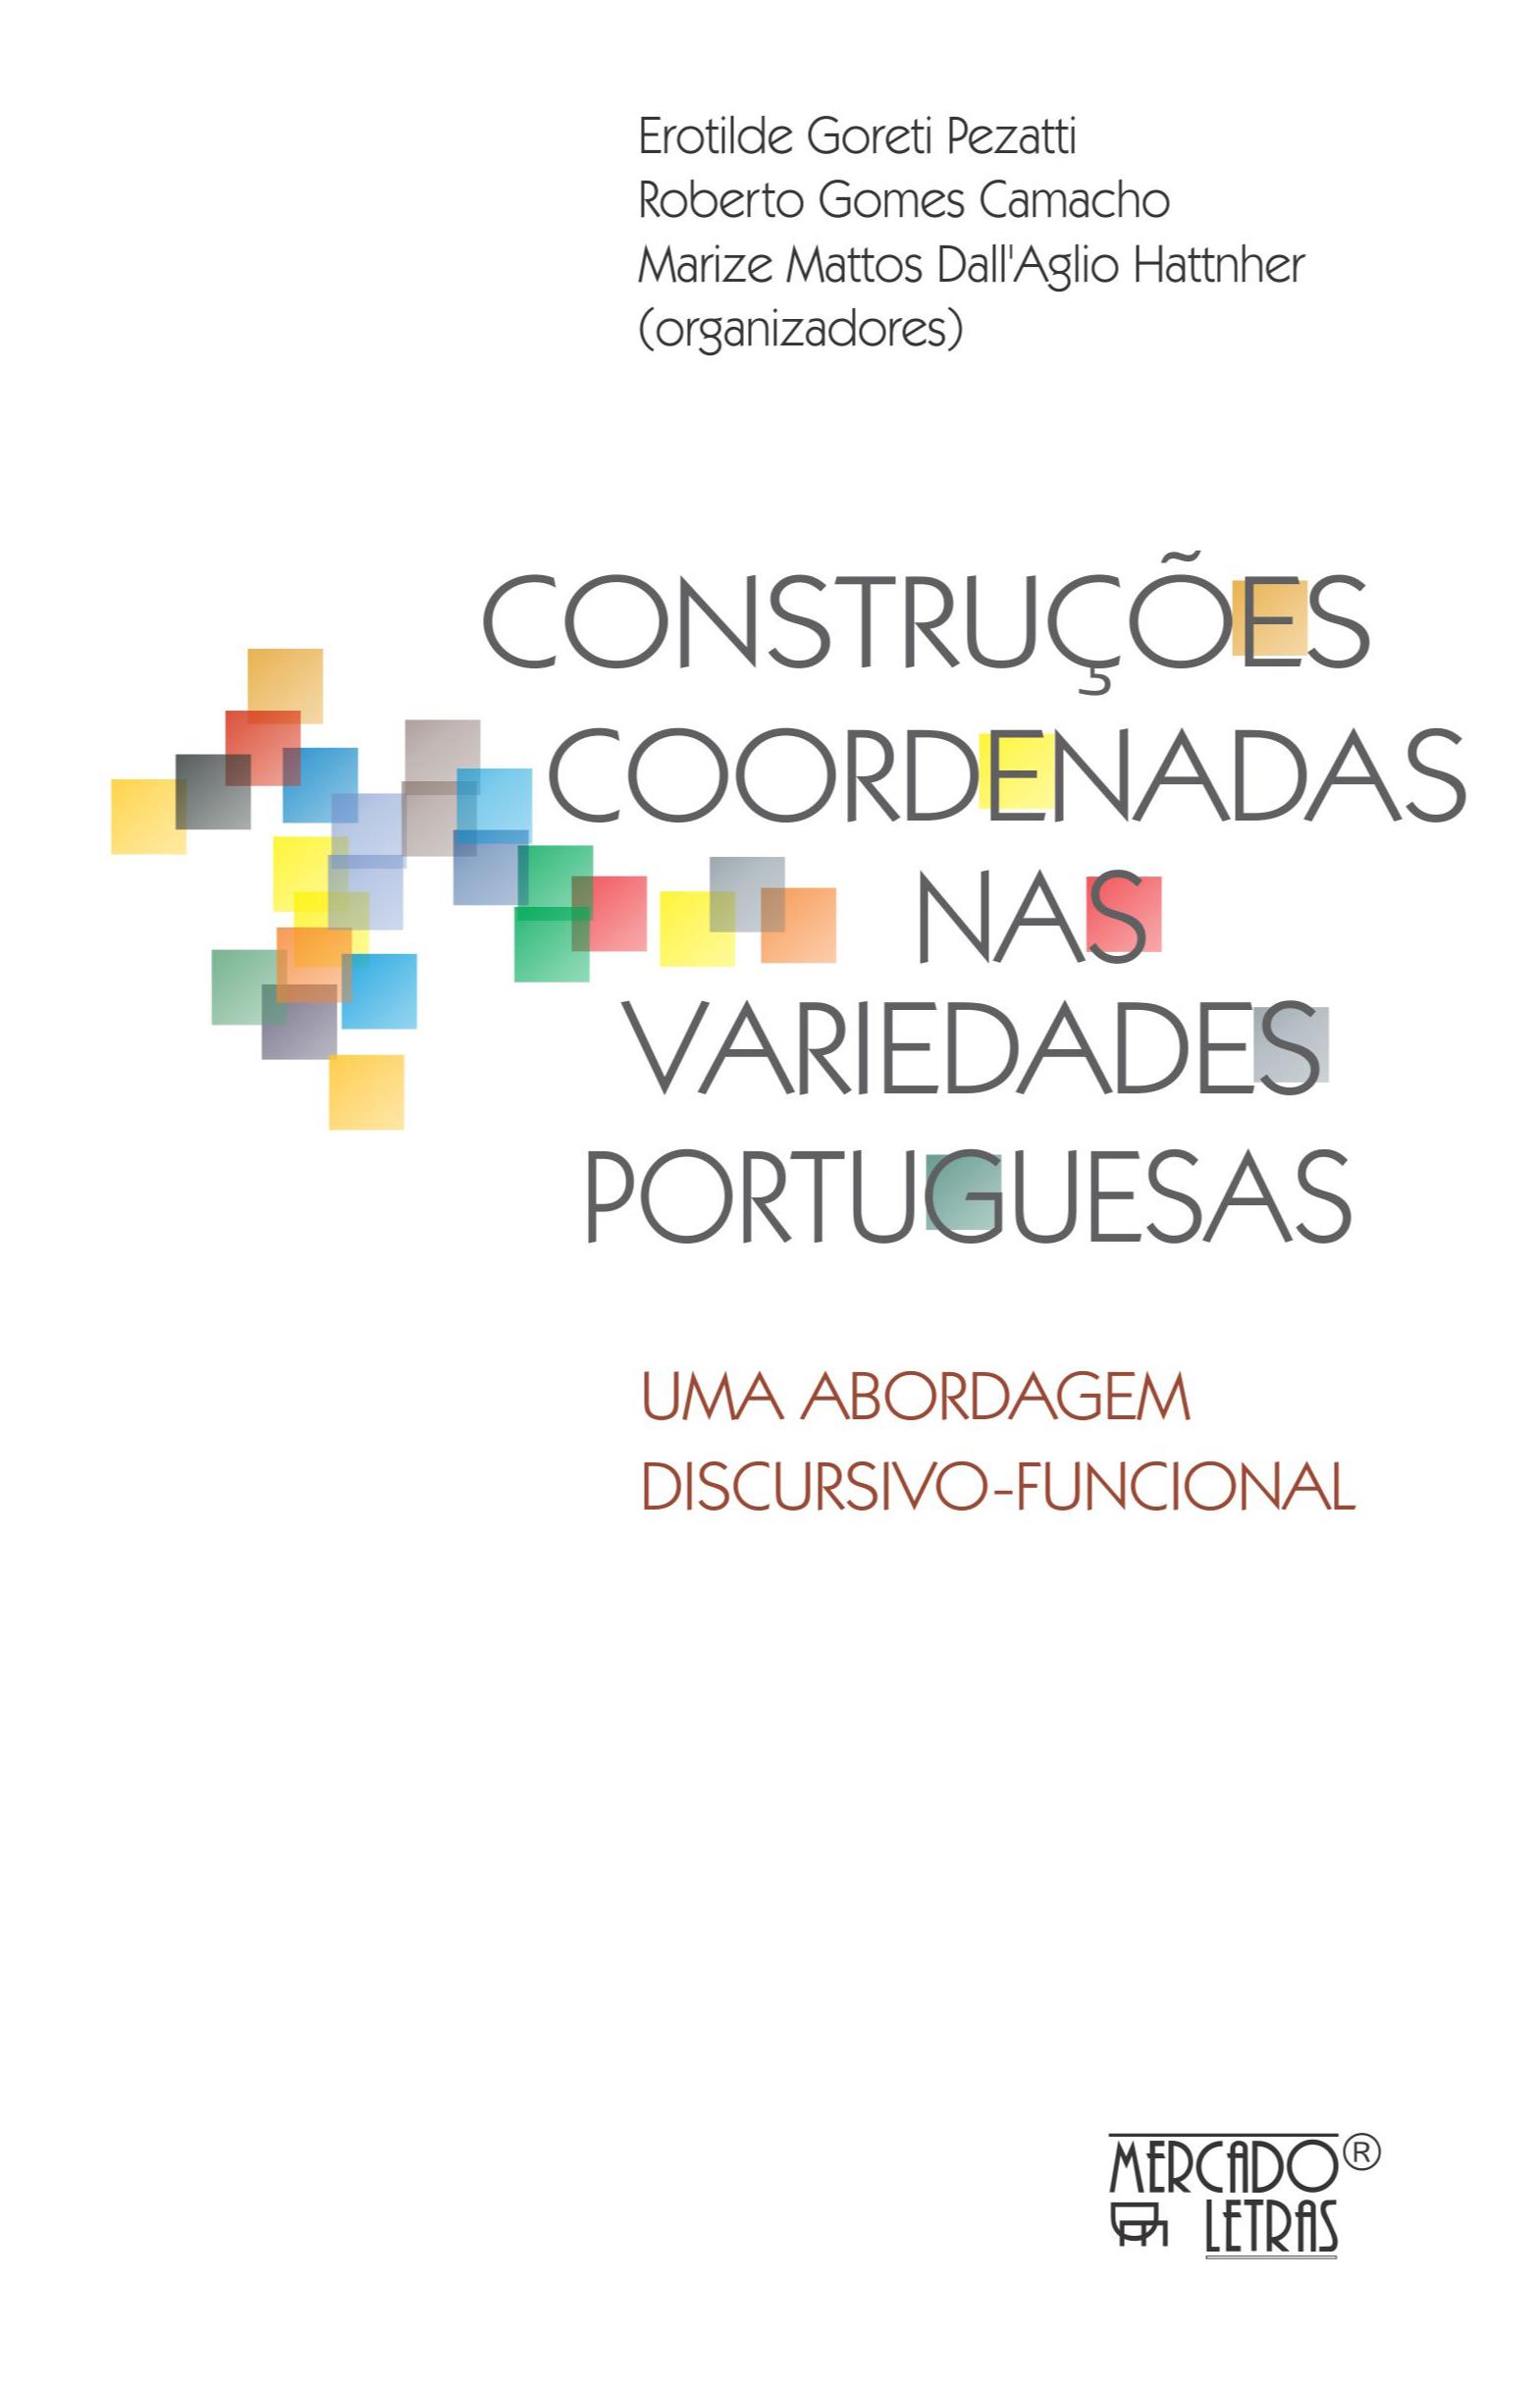 Construções coordenadas nas variedades portuguesas. Uma abordagem discursivo-funcional, livro de Roberto Gomes Camacho, Marize Mattos Dall